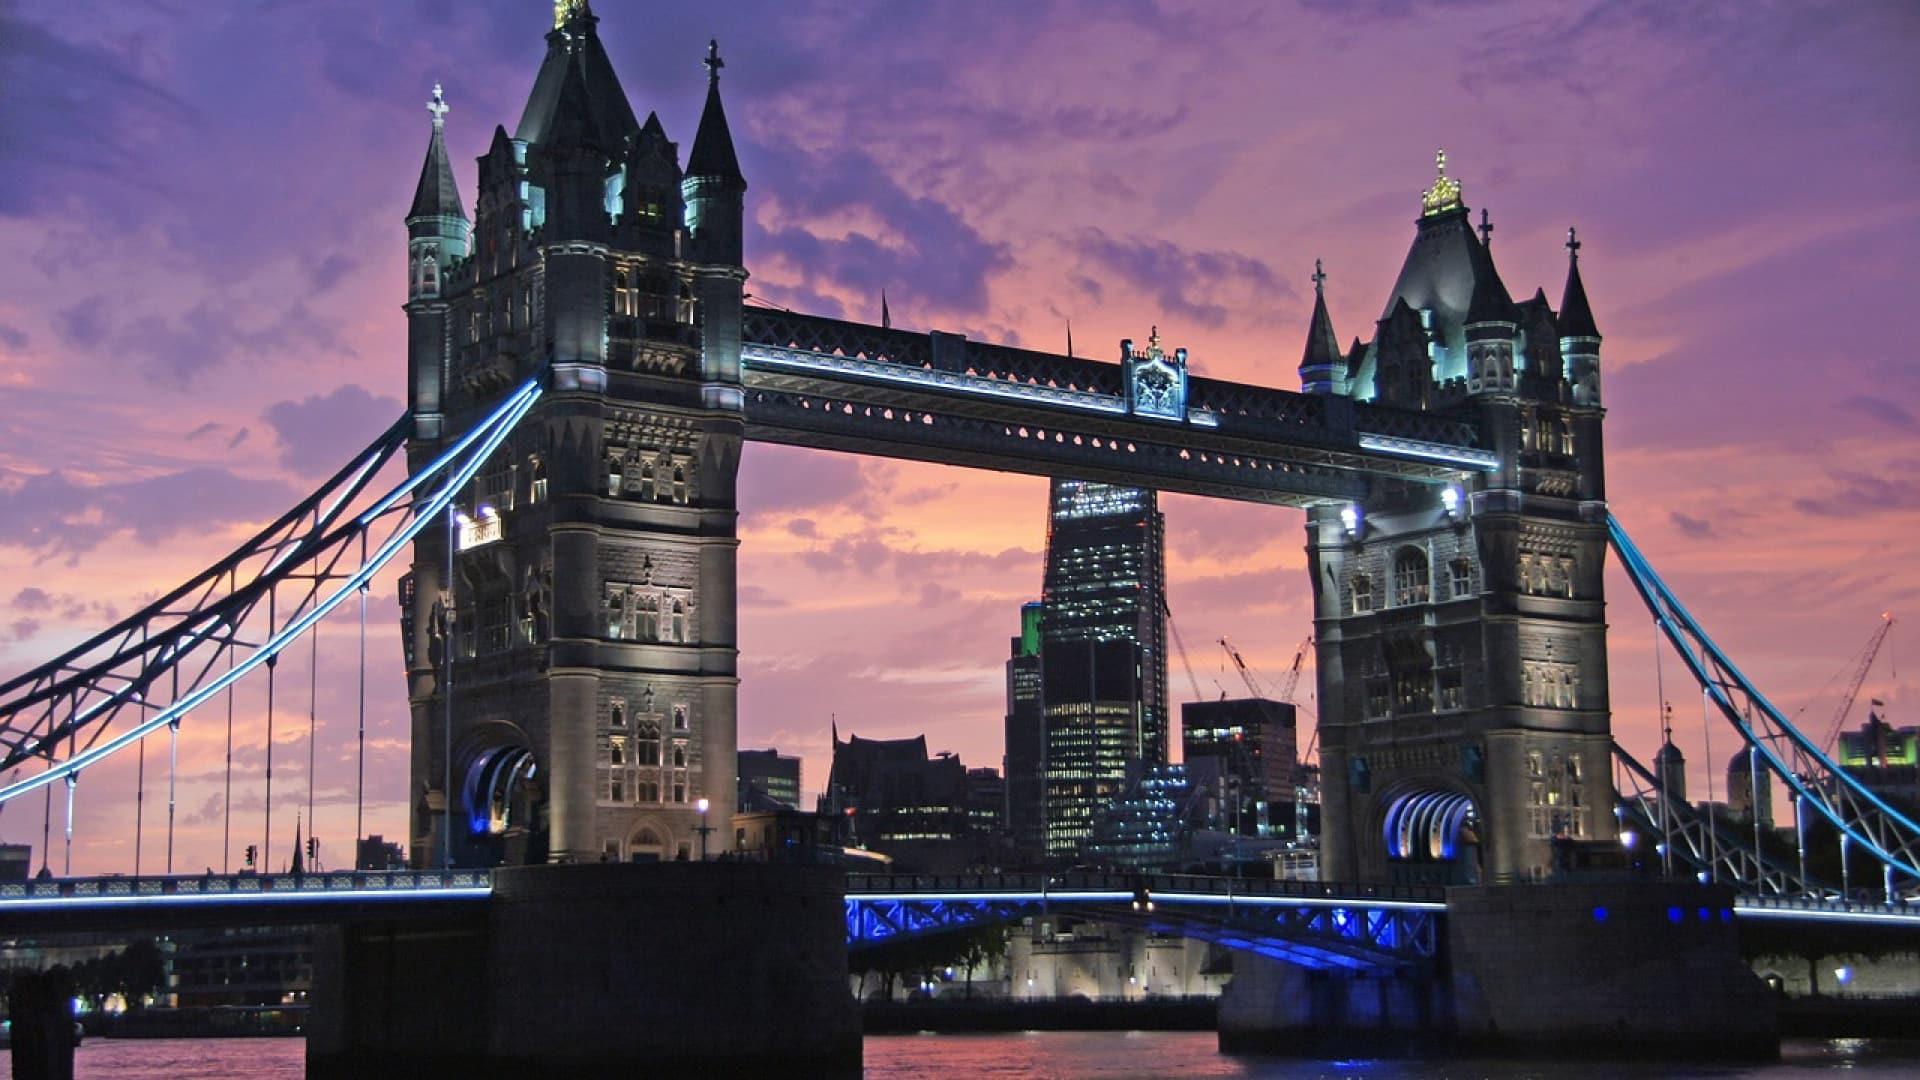 Un séjour linguistique en Angleterre pour accélérer votre apprentissage de la langue